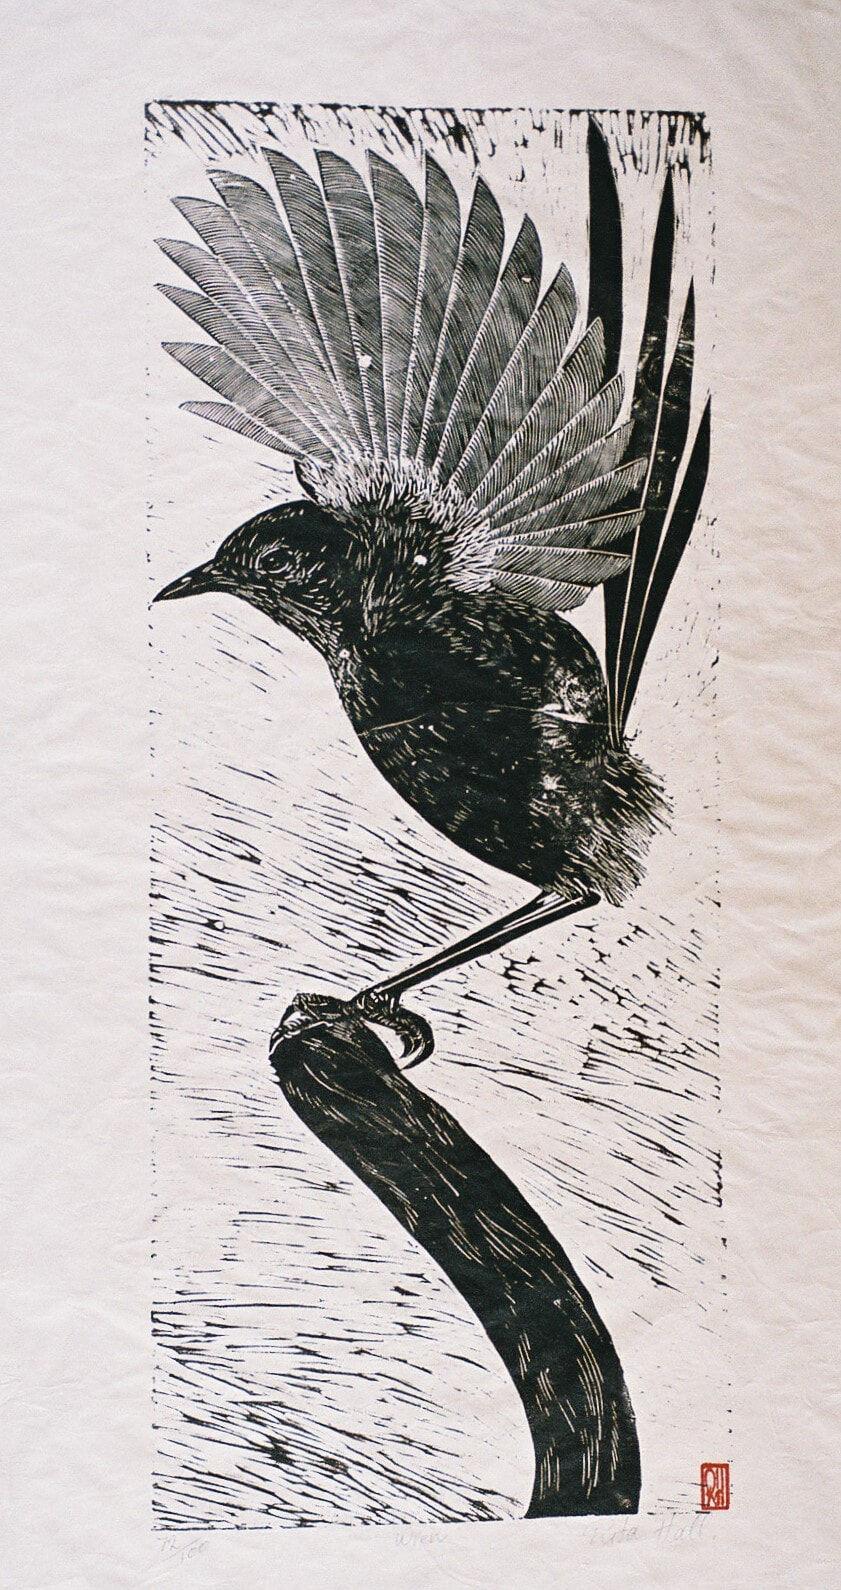 Wren 1989 Lino Cut 100 x 50cm